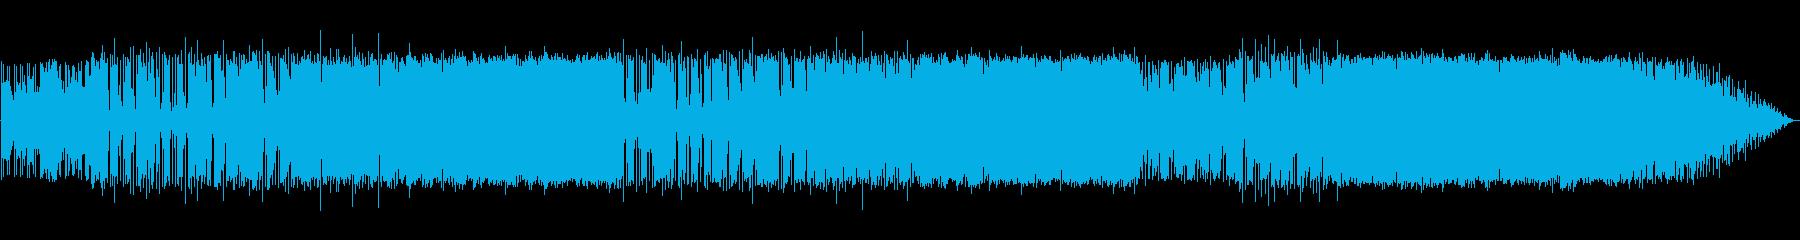 アルトサックスのメロディーを備えた...の再生済みの波形